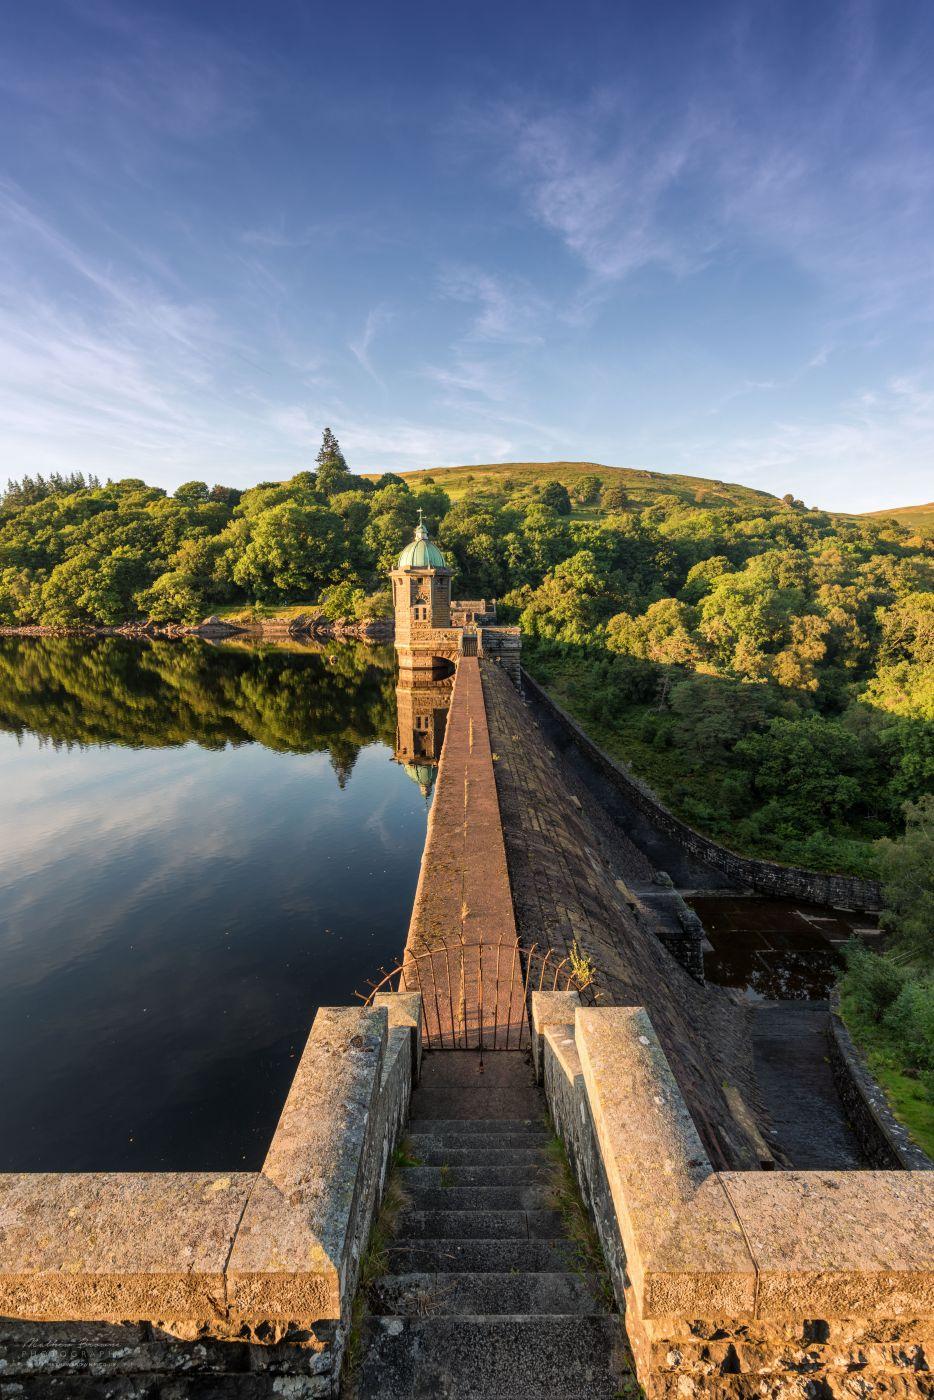 Pen Y Garreg Dam, United Kingdom